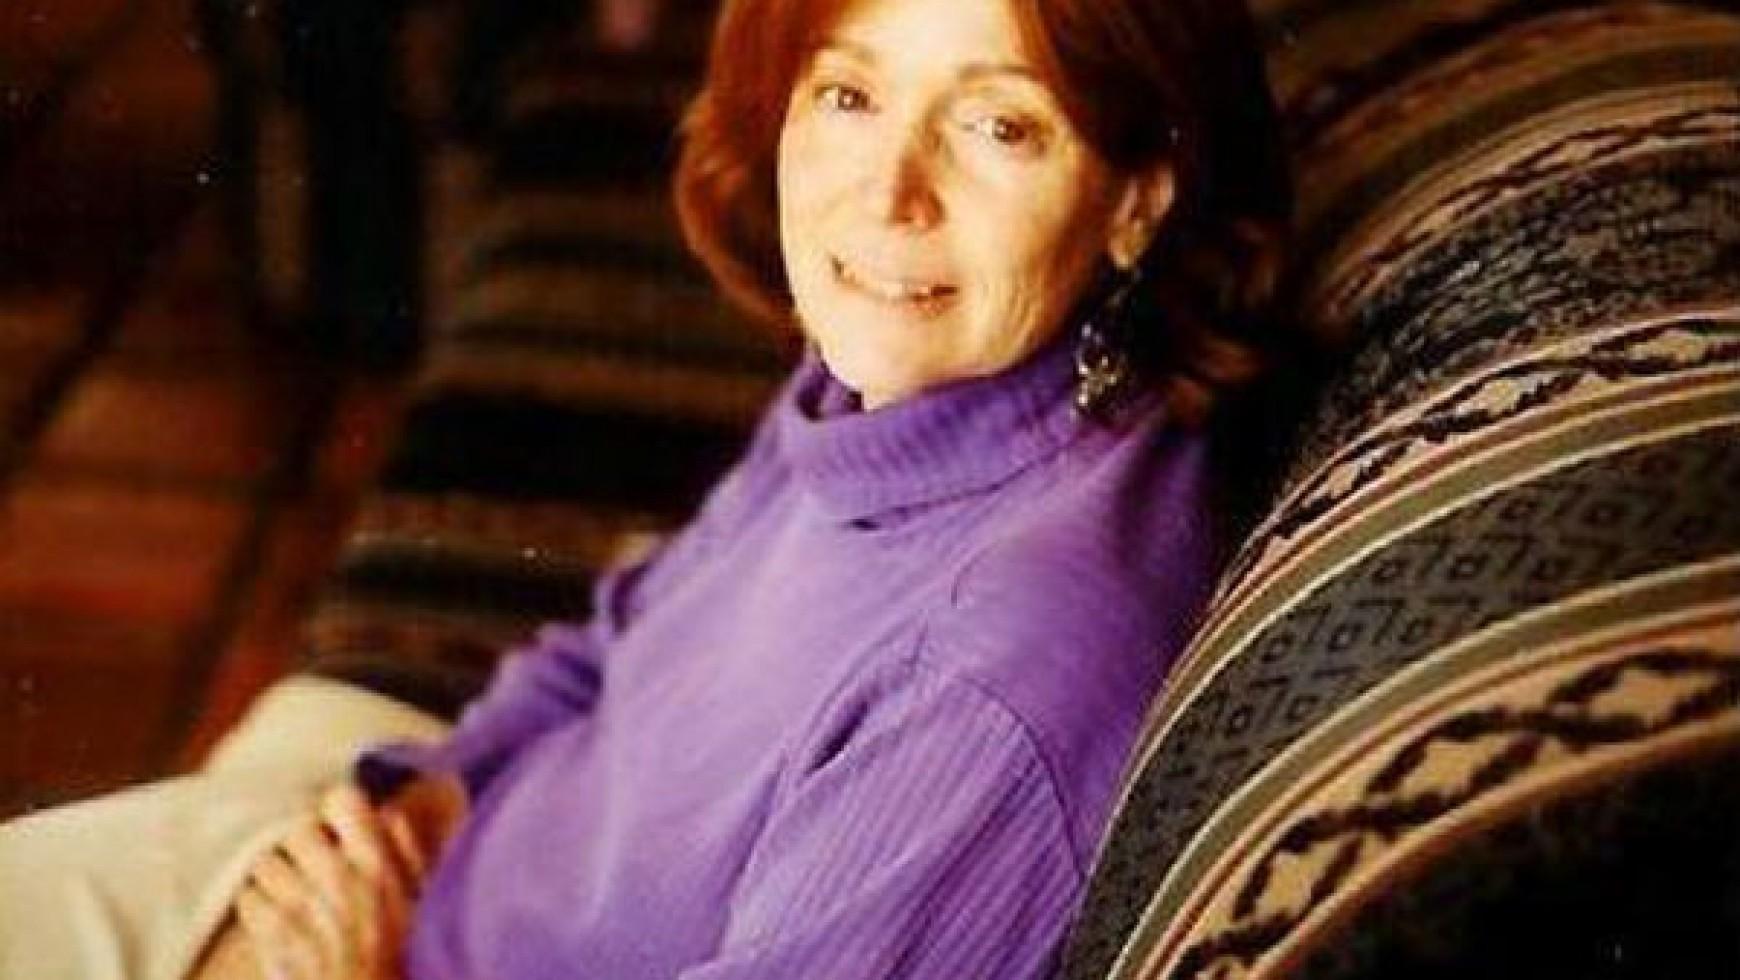 Olivia Schwartz